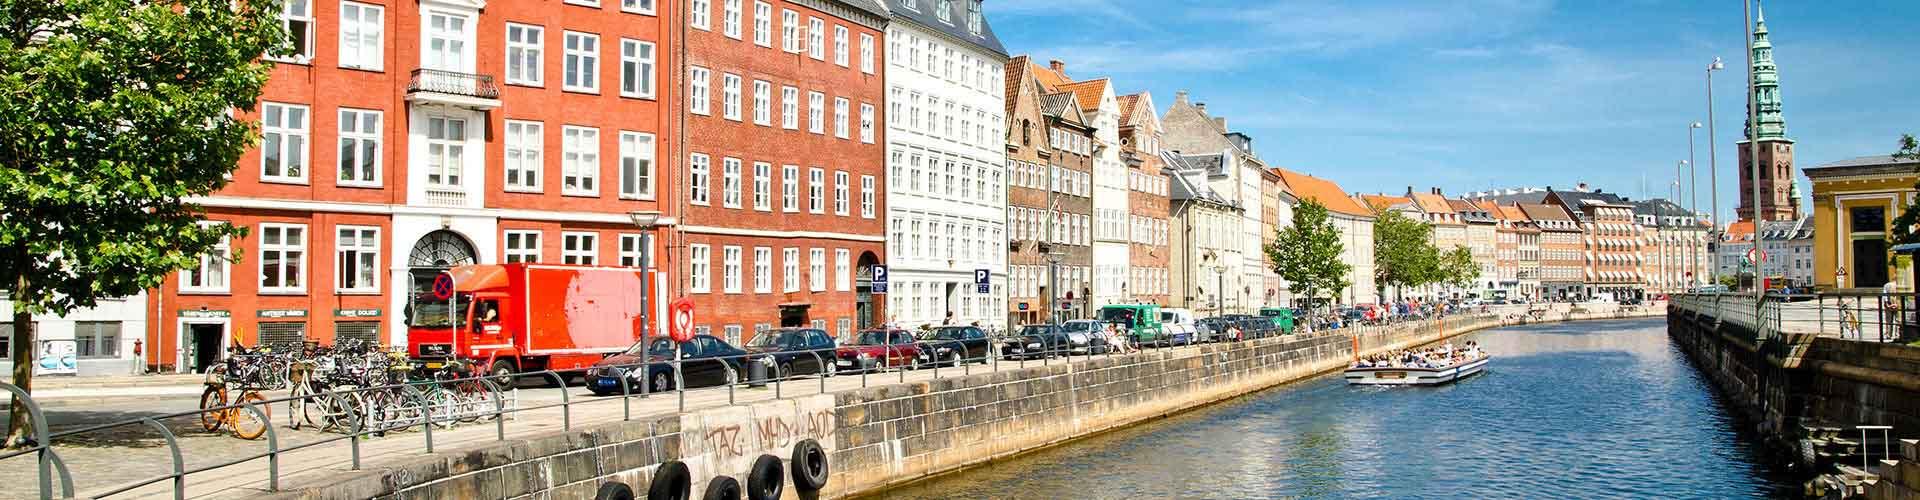 Copenhague - Apartamentos en el distrito Indre By. Mapas de Copenhague, Fotos y comentarios de cada Apartamento en Copenhague.